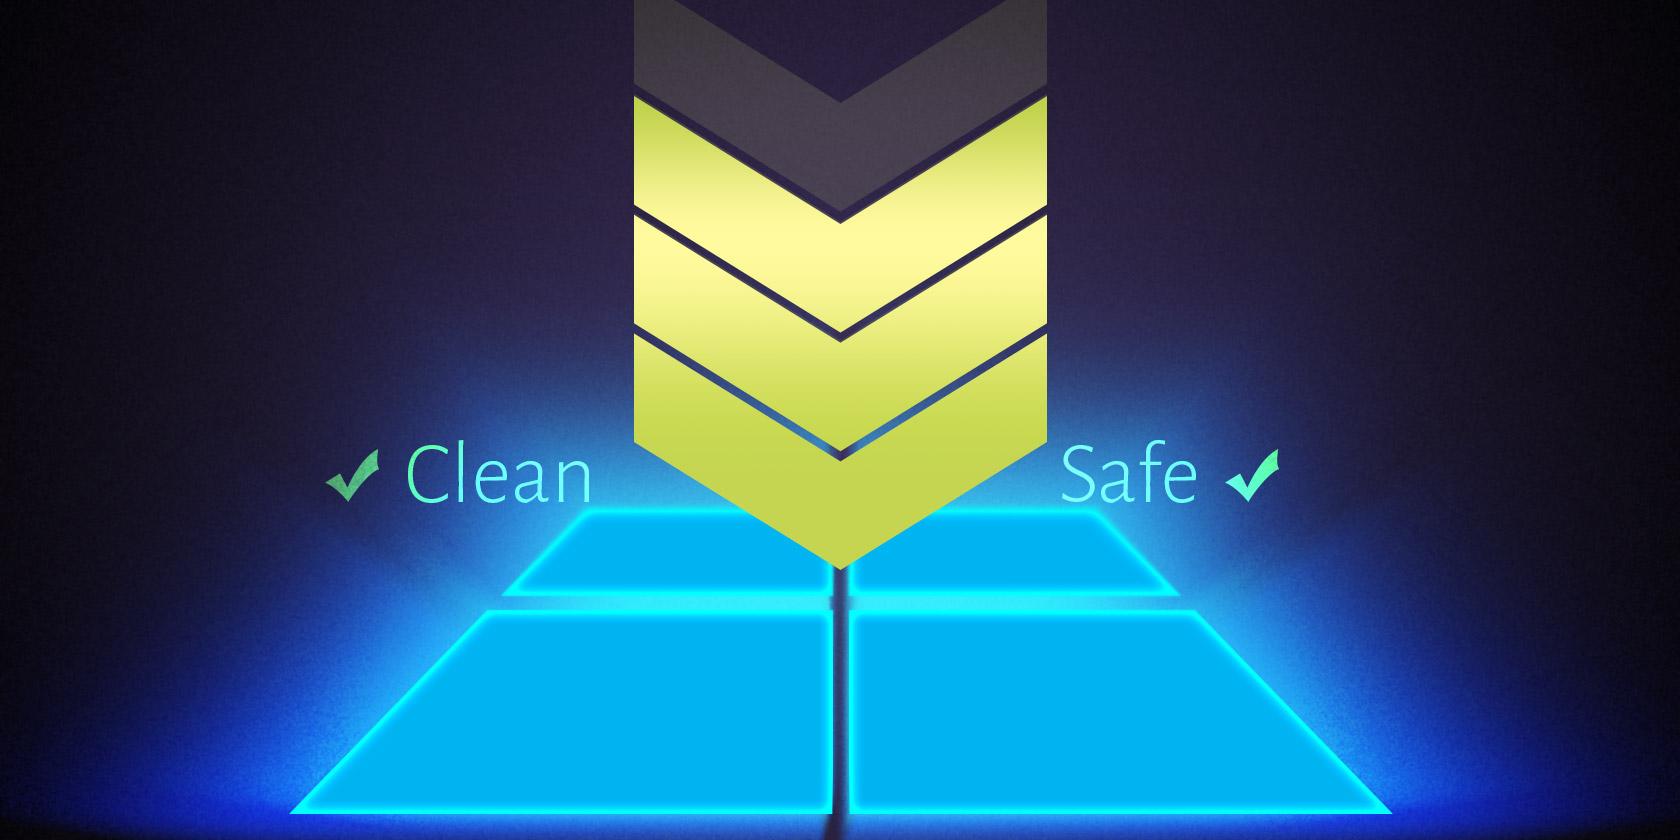 clean-safe-windows-downloads